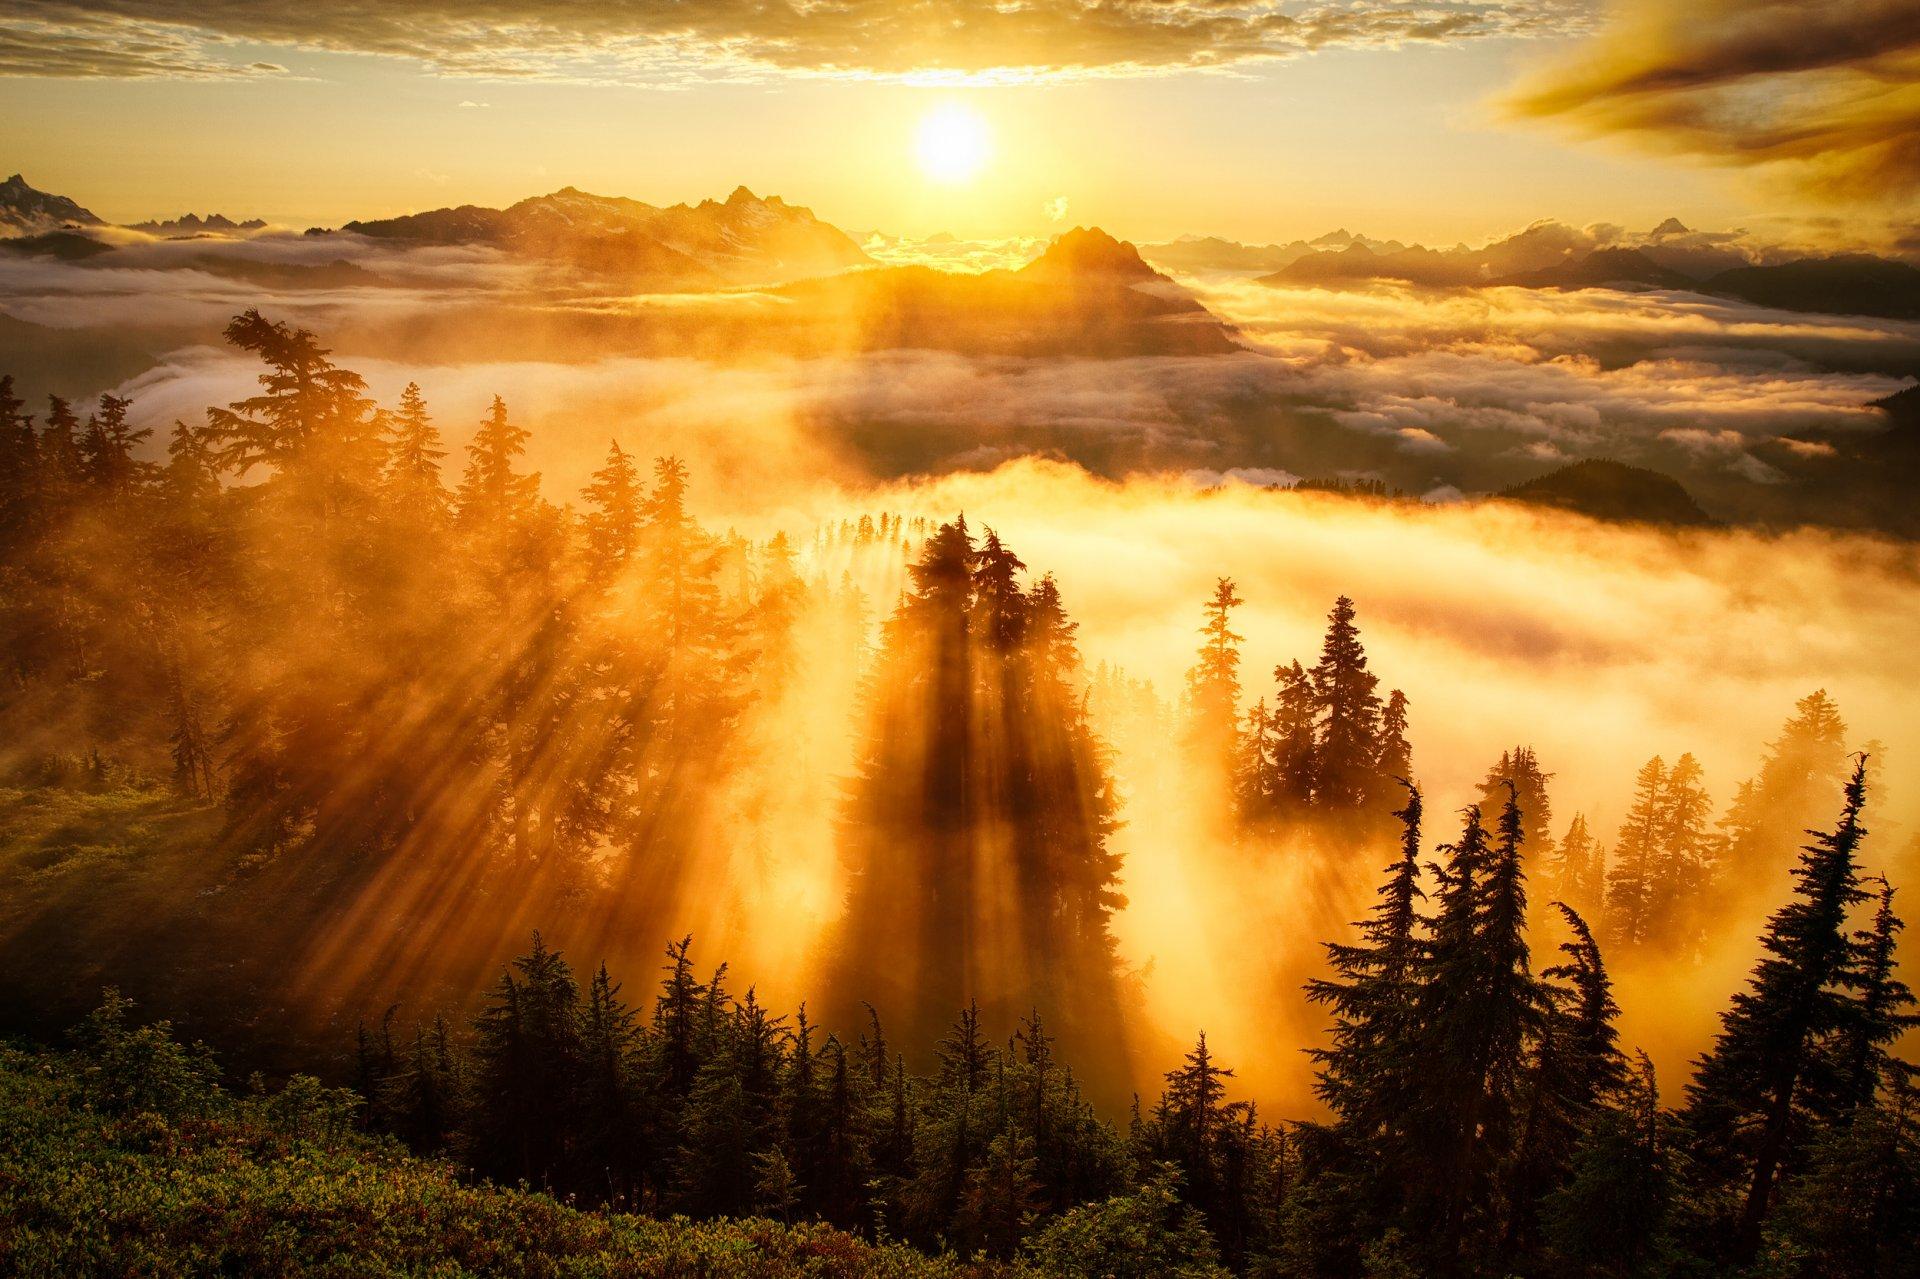 Картинки о природе с добрым утром, гифки живые мультяшки